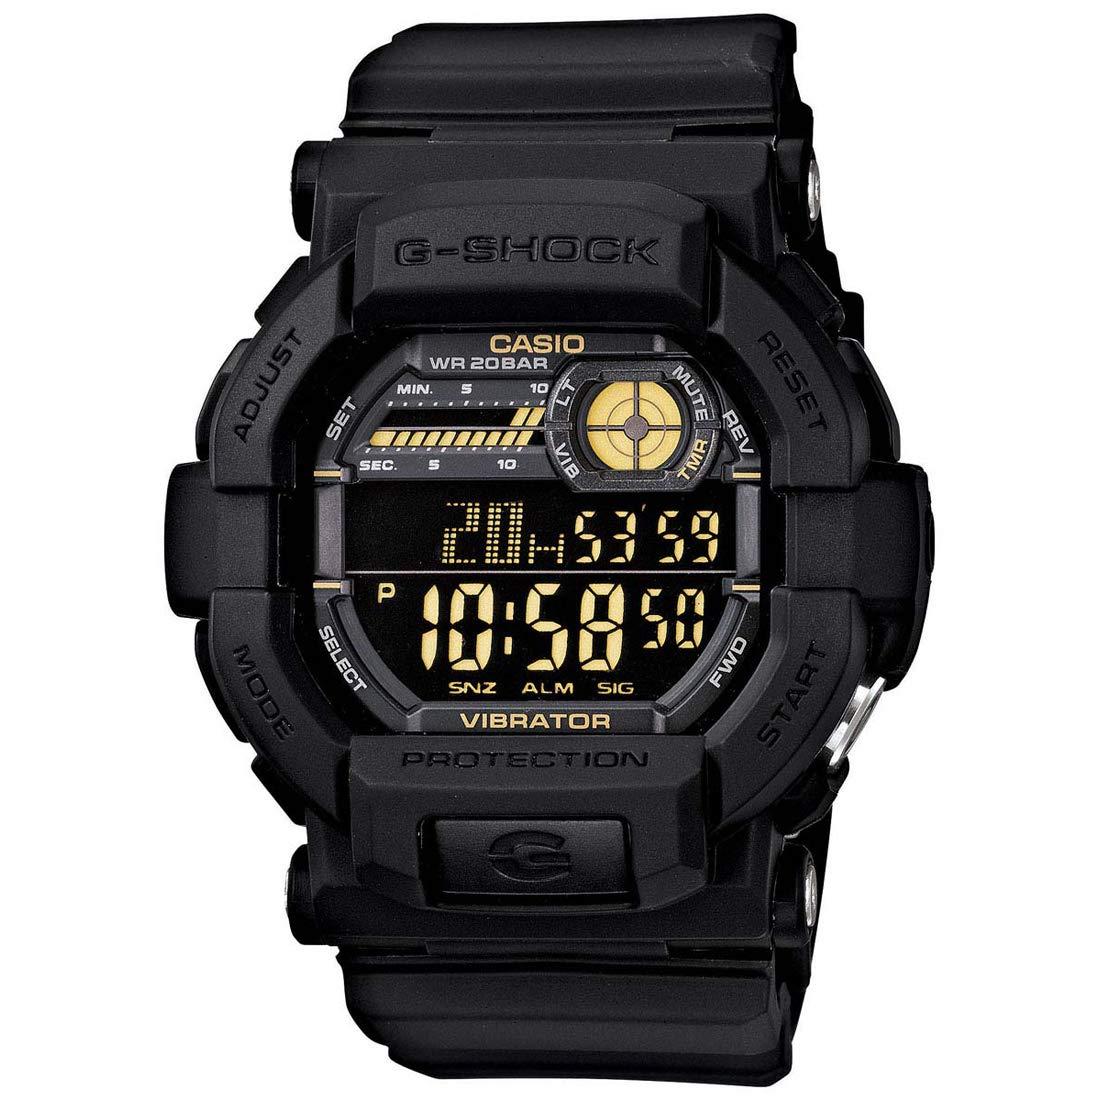 Best G Shock Watch Under 10000 Rupees In India